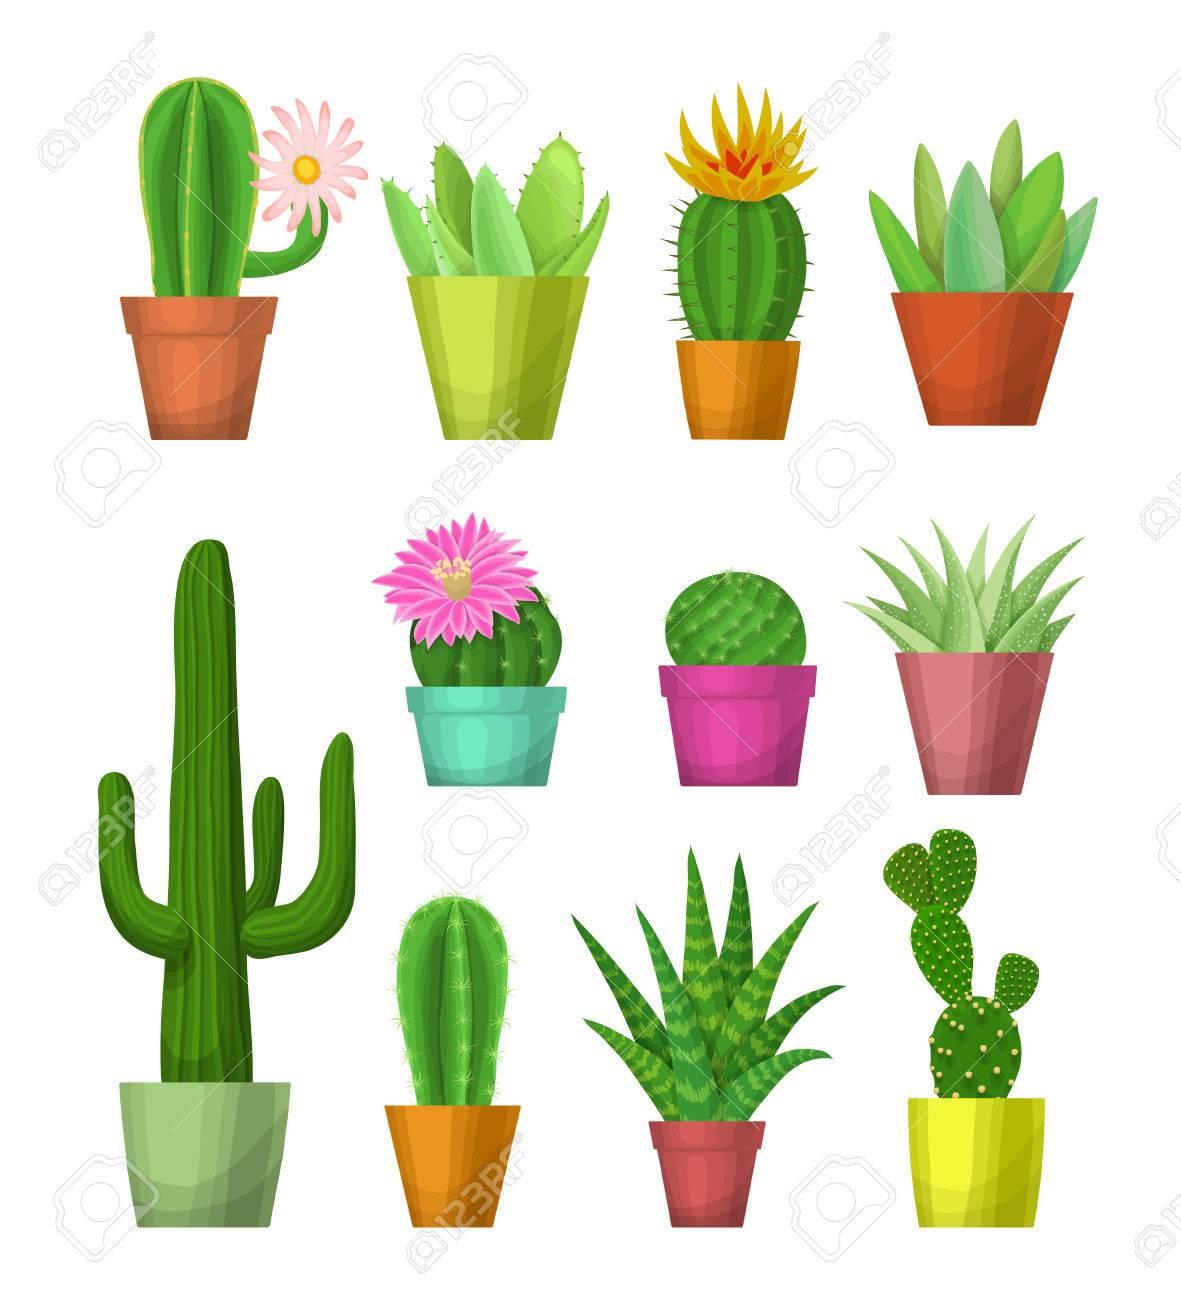 foto de archivo plantas de interior en macetas cactus y suculentas con flores en macetas ilustracin vectorial dravn mano cactus y suculentas de with plantas